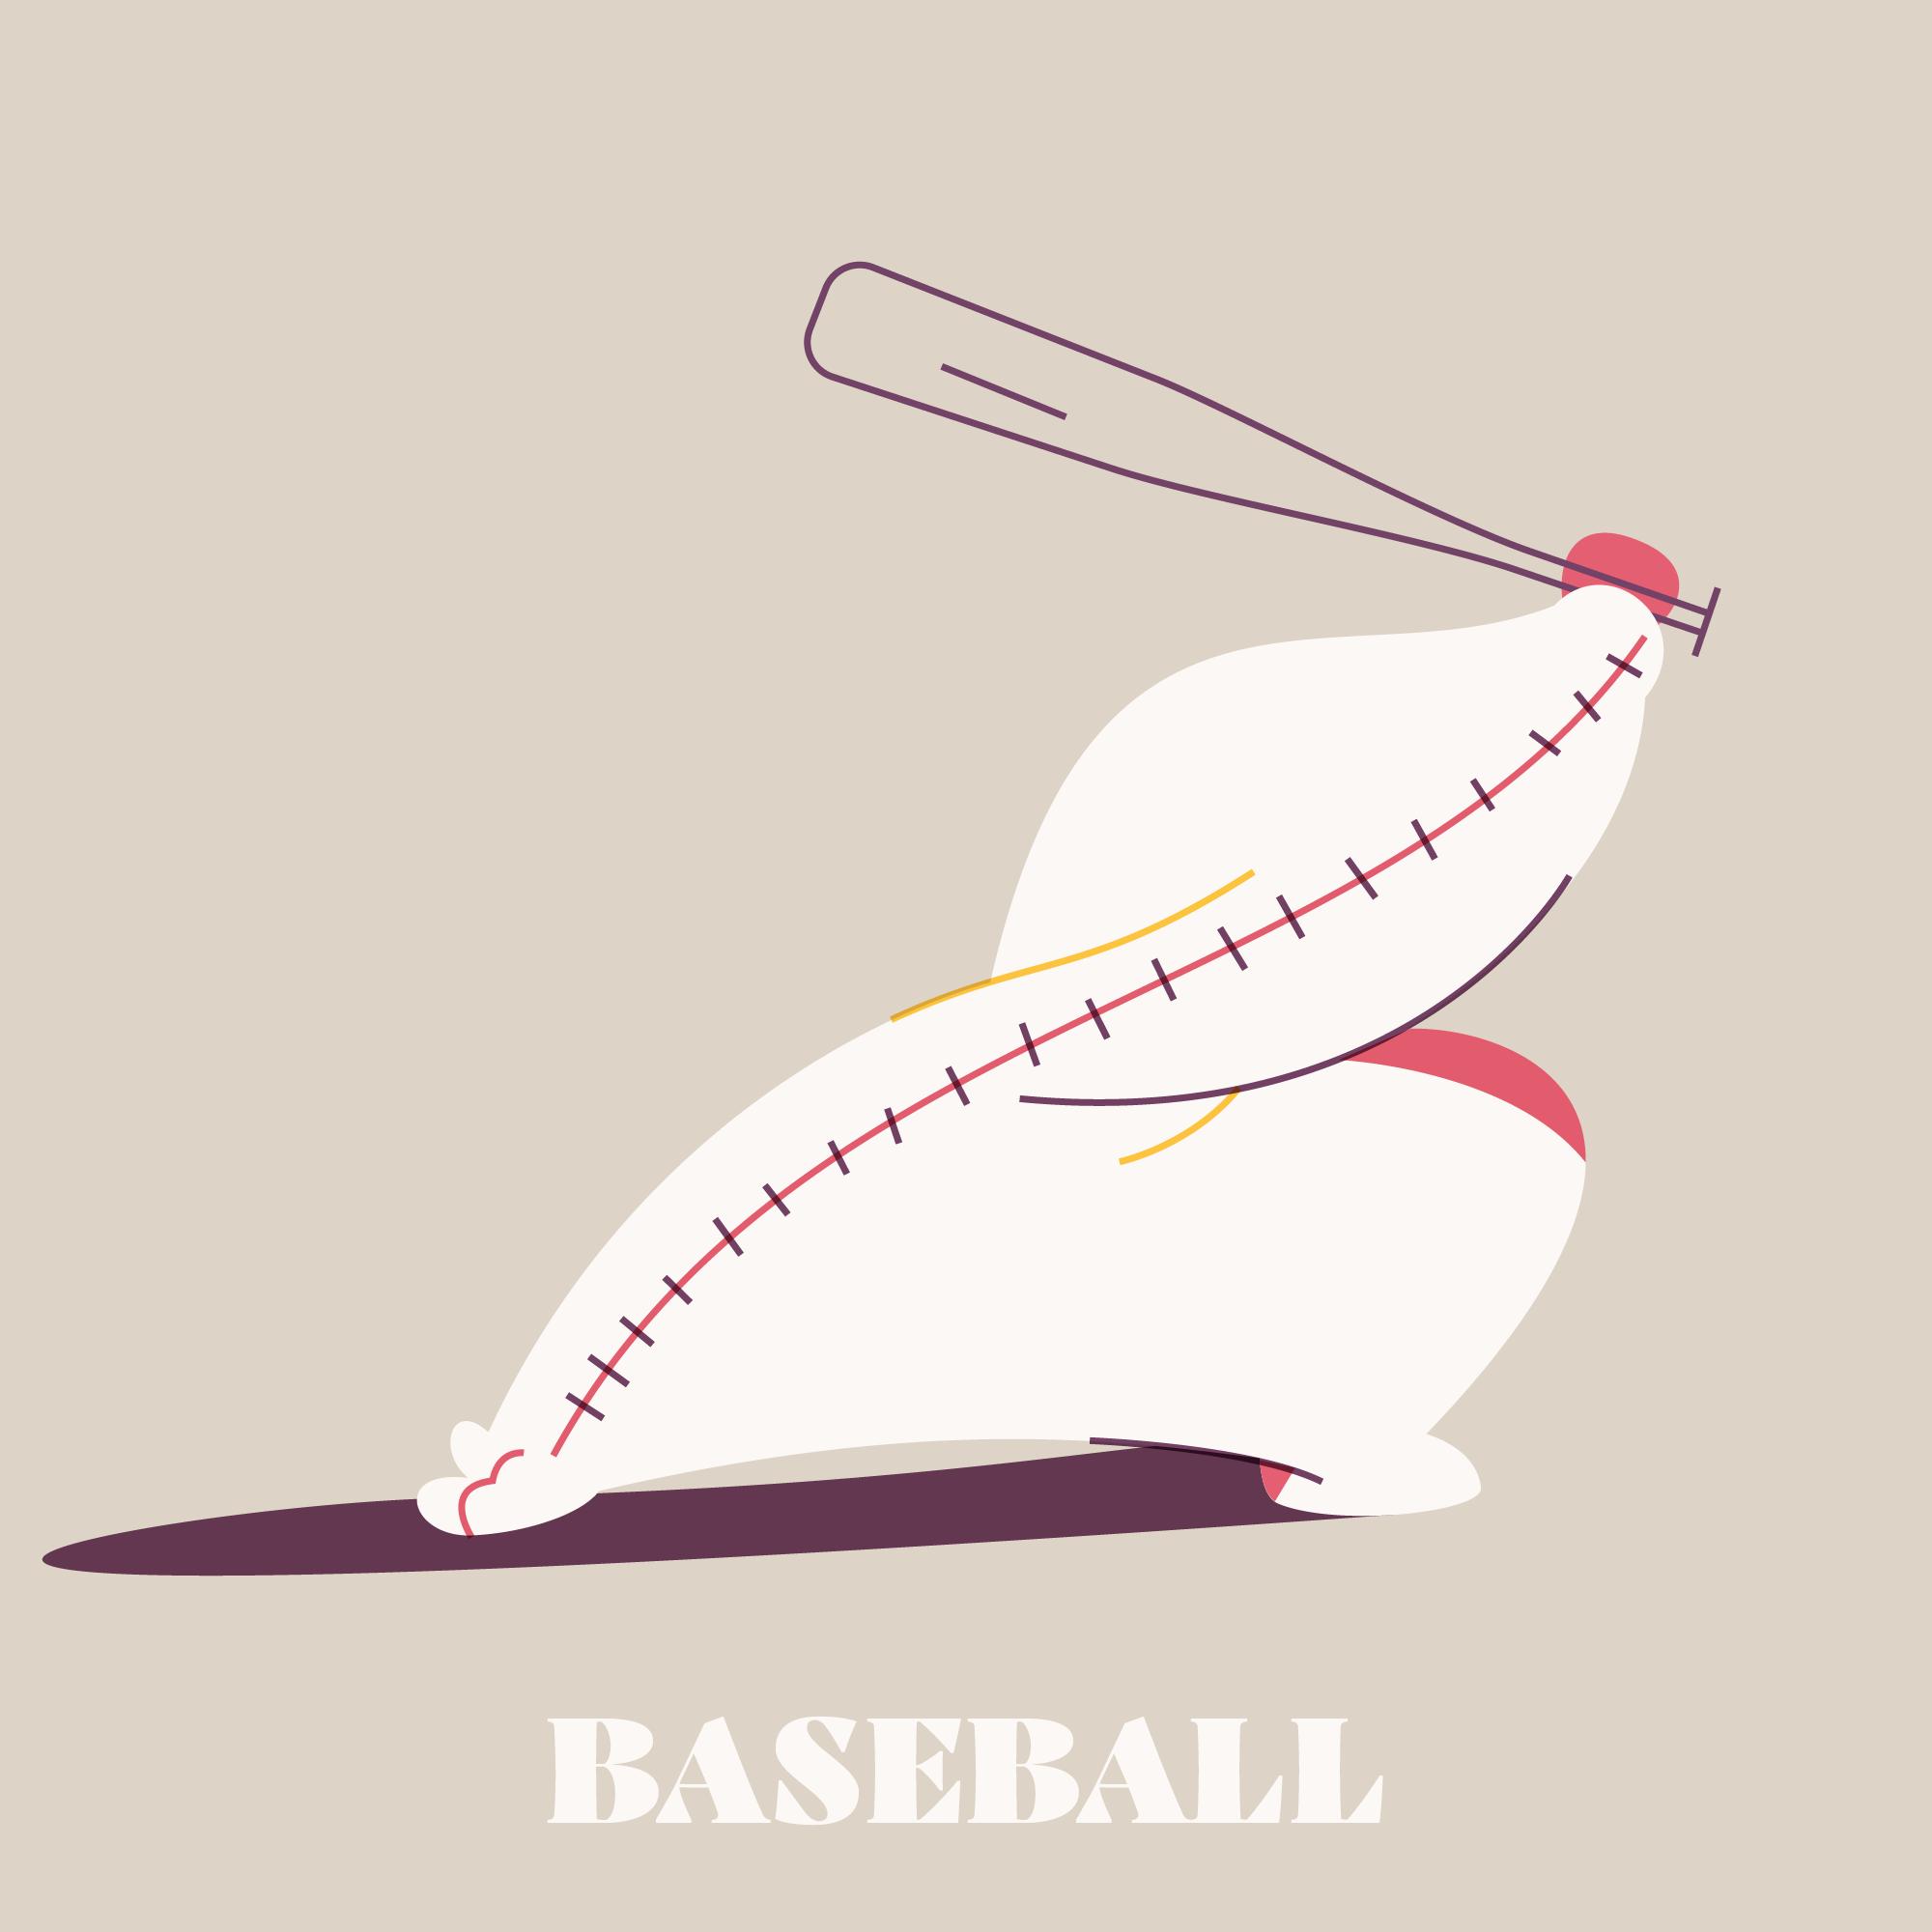 sacks-baseball.png